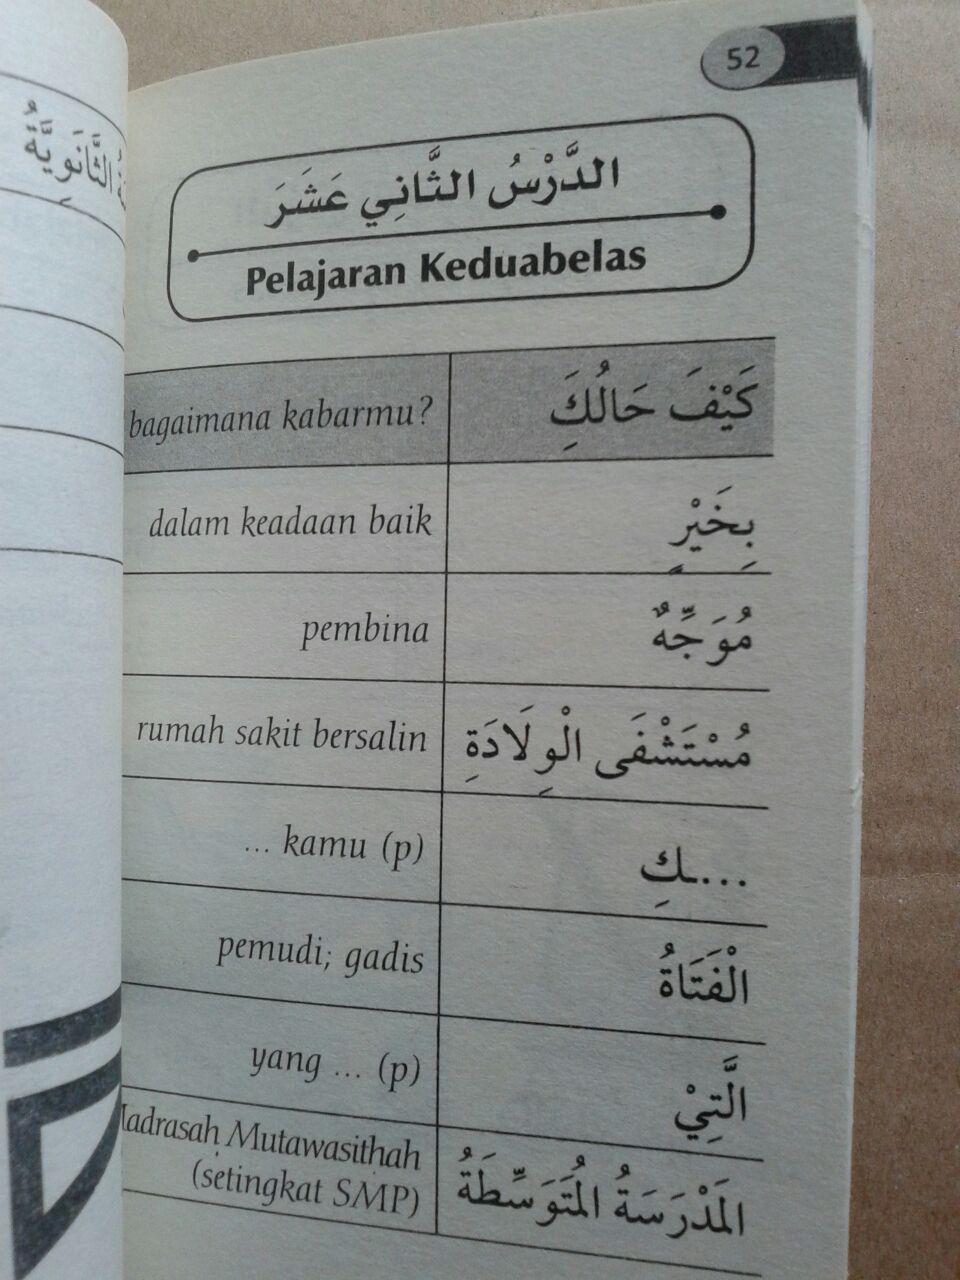 Buku Kamus Durusul Lughah isi 2